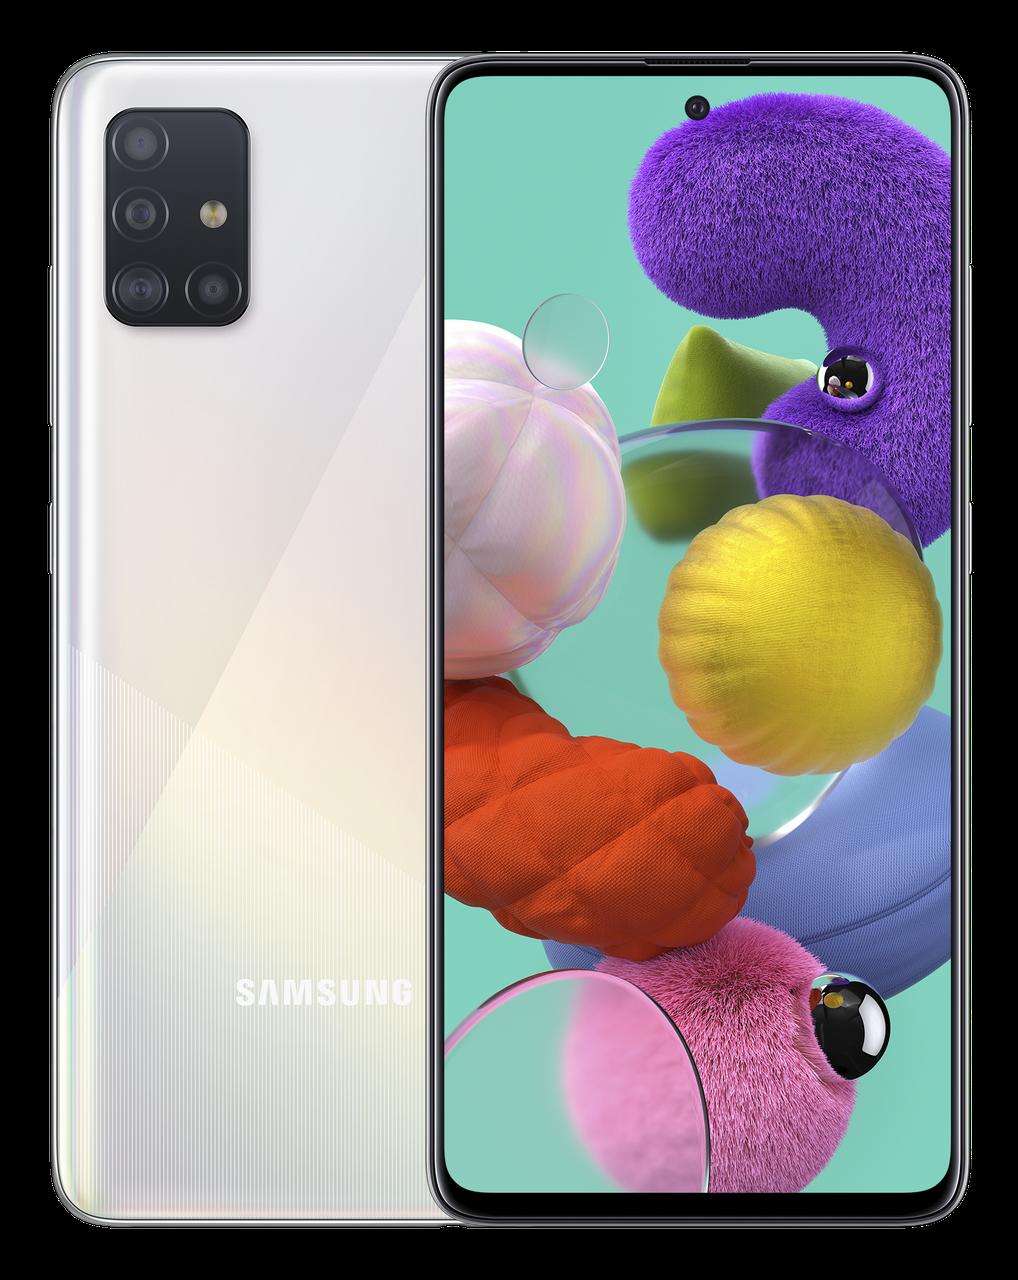 Смартфон Samsung Galaxy A51 2020 4/64Gb White (SM-A515FZWUSEK) UA